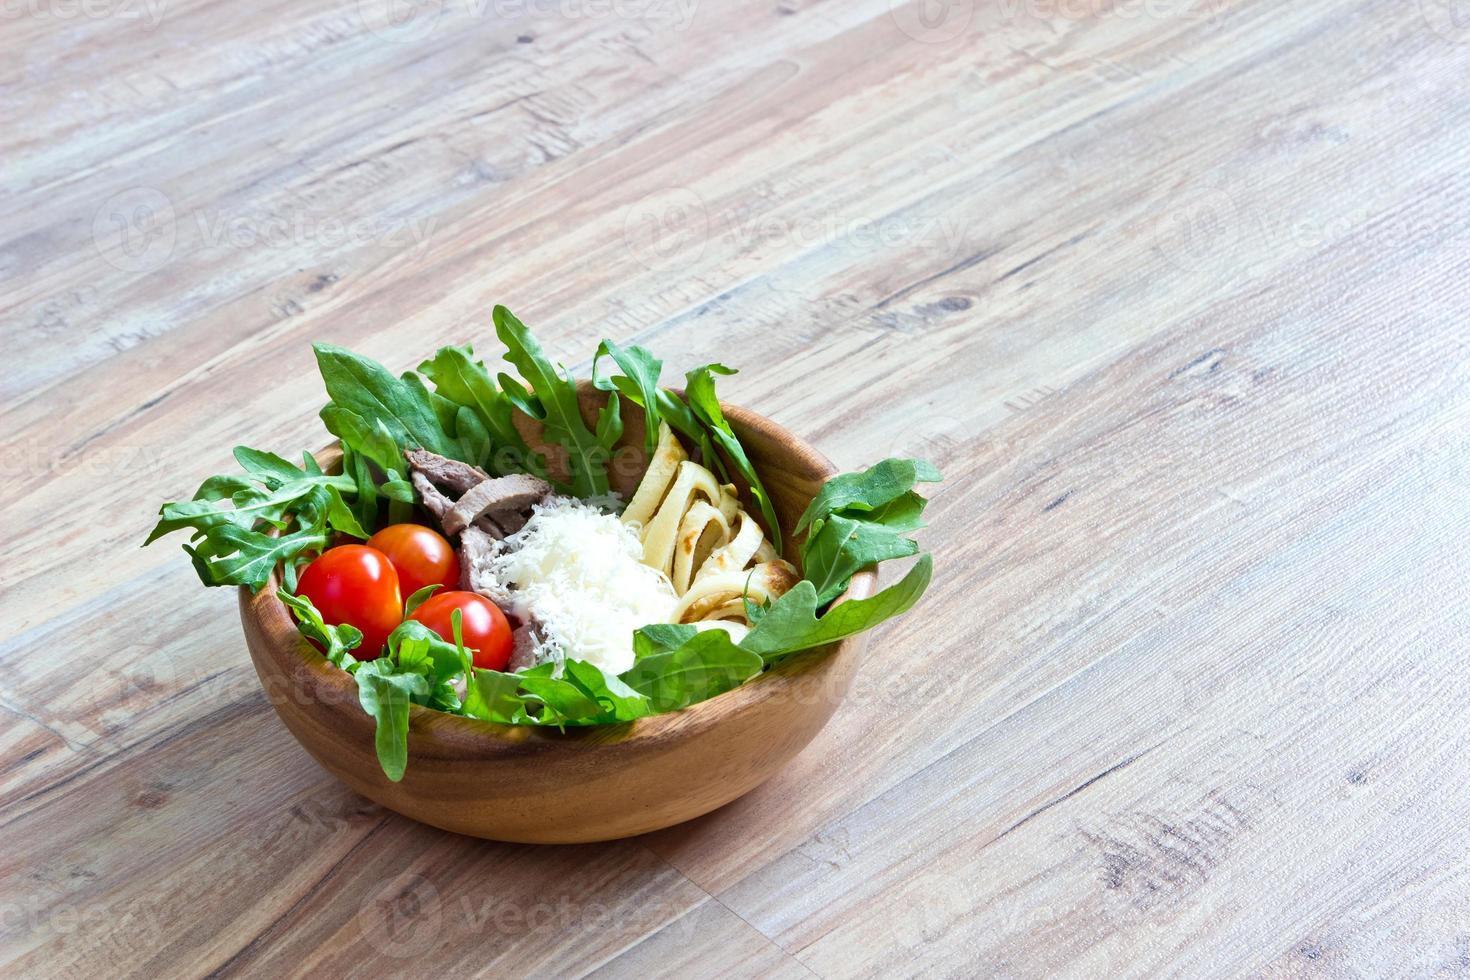 Salat aus Rinderzunge, Salat, Tomaten, Käse, Rührei foto